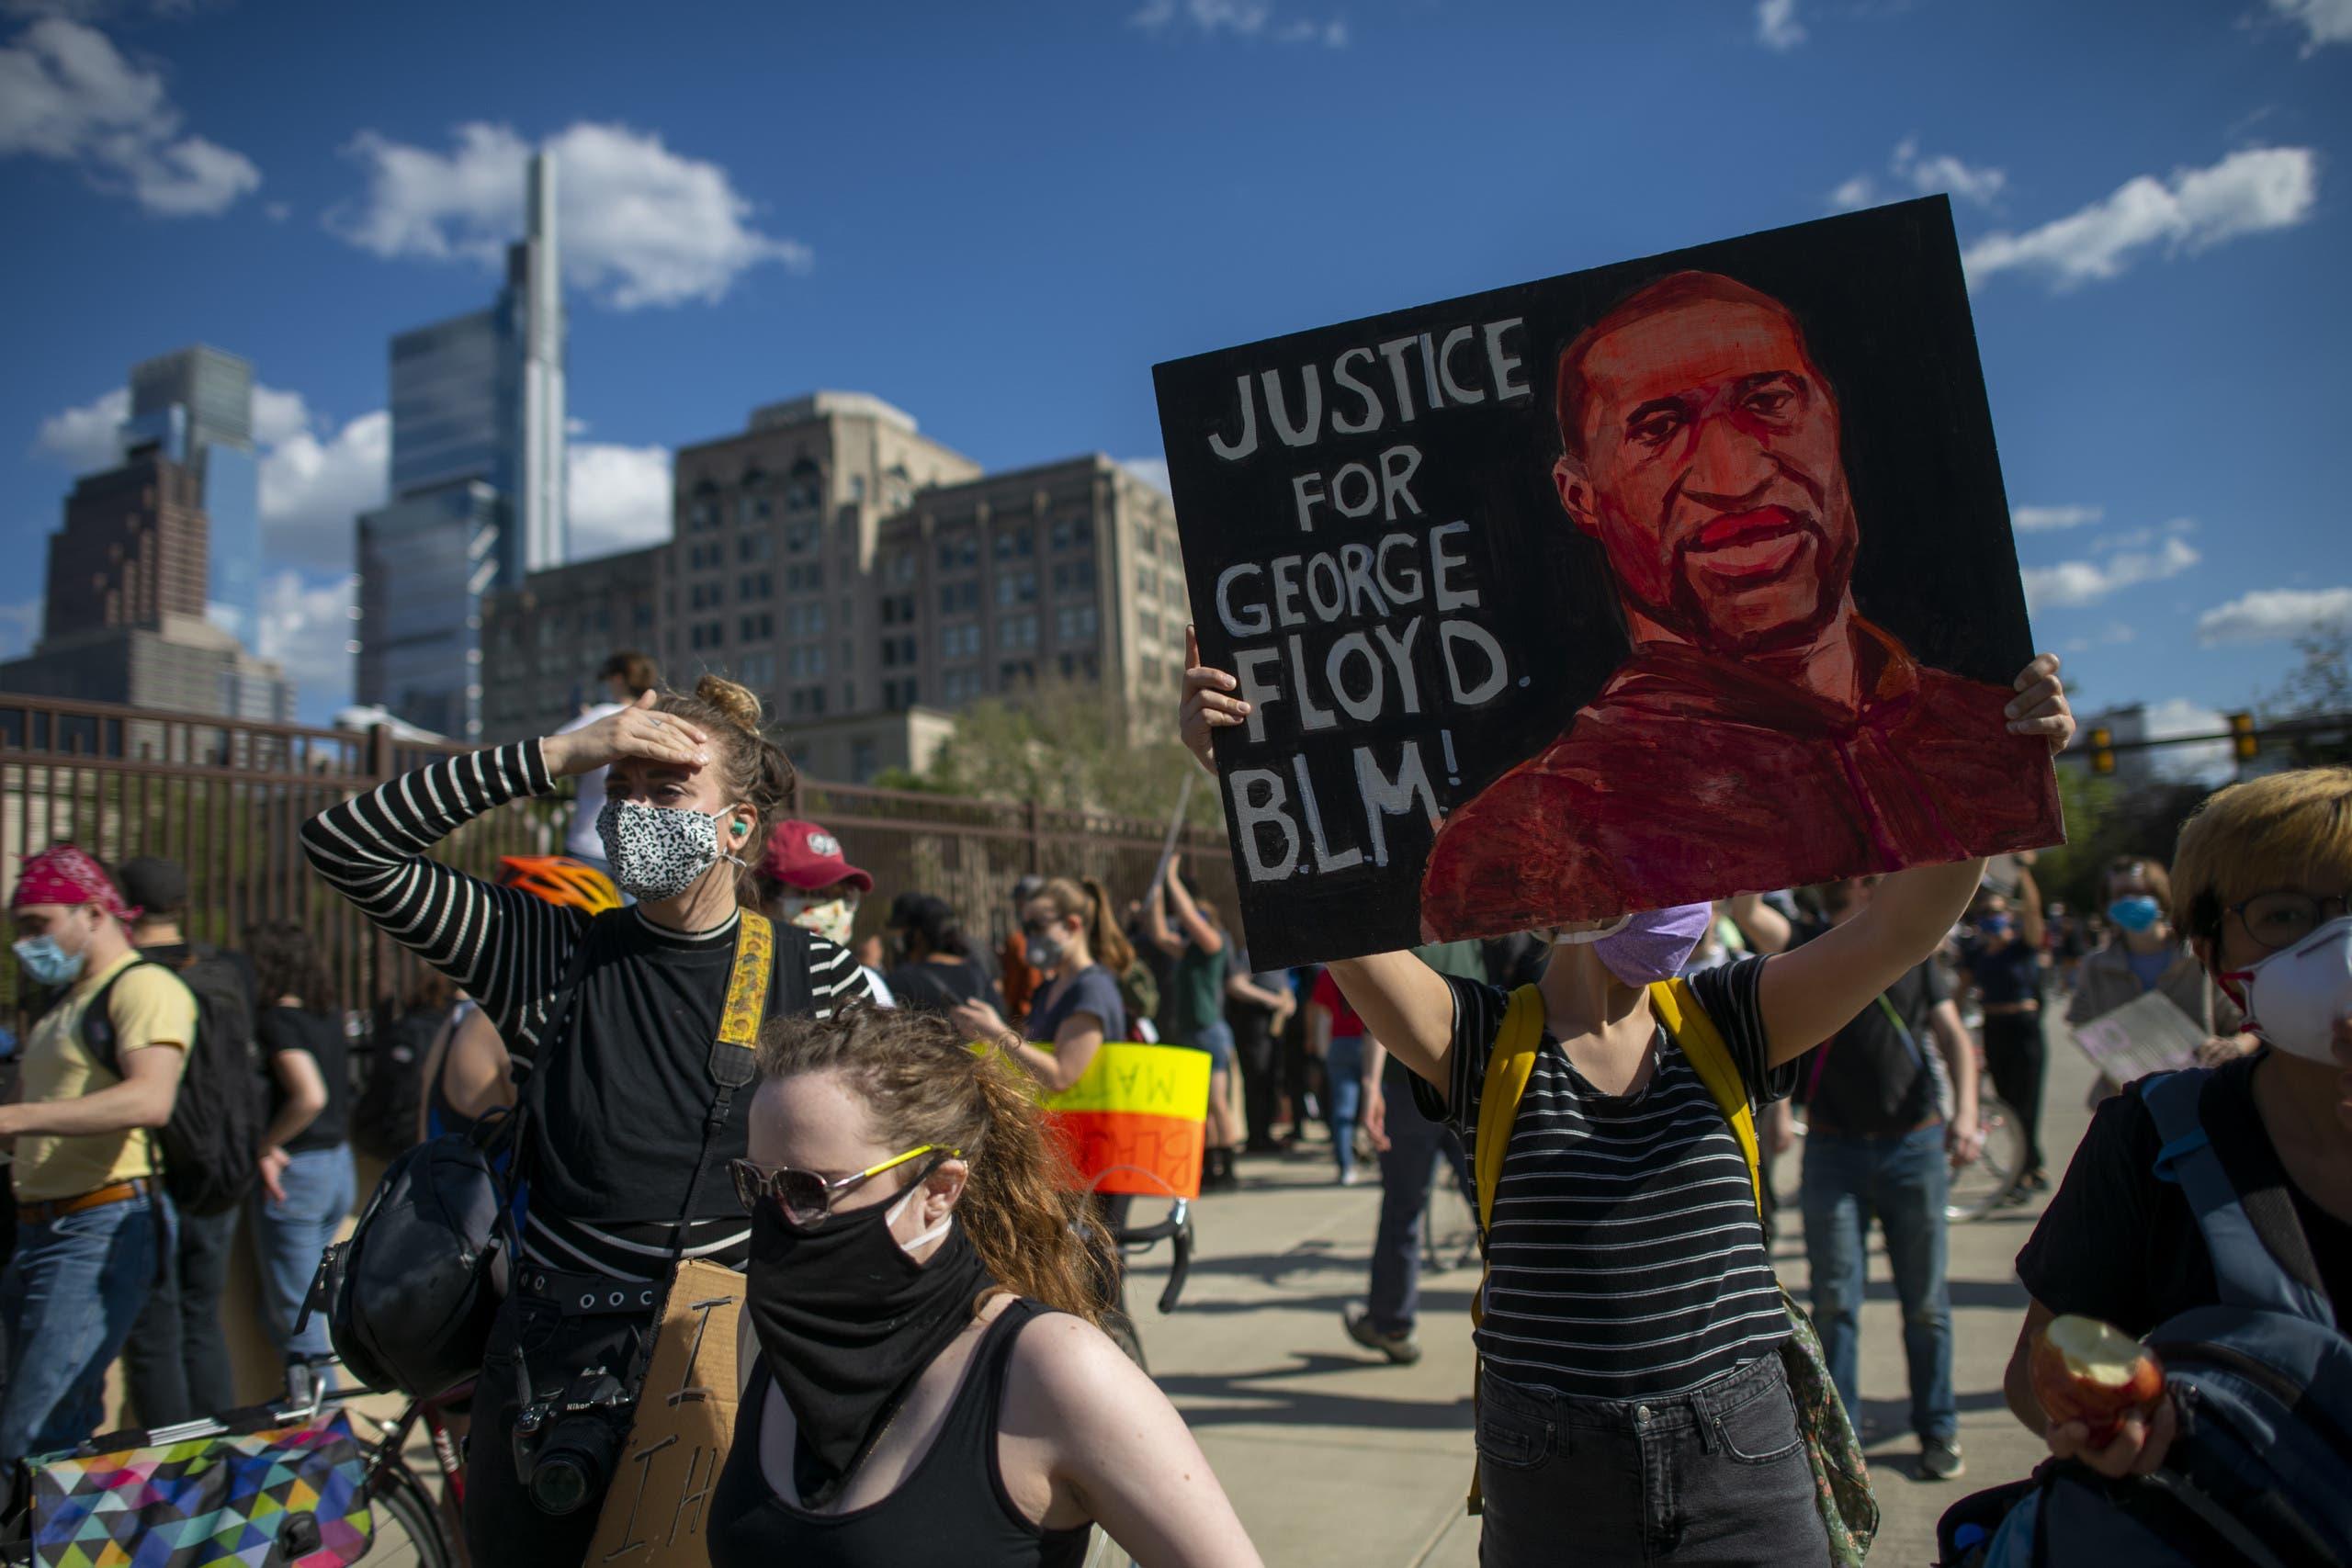 متظاهرون يحملون صورة فلويد (أرشيفية- فرانس برس)